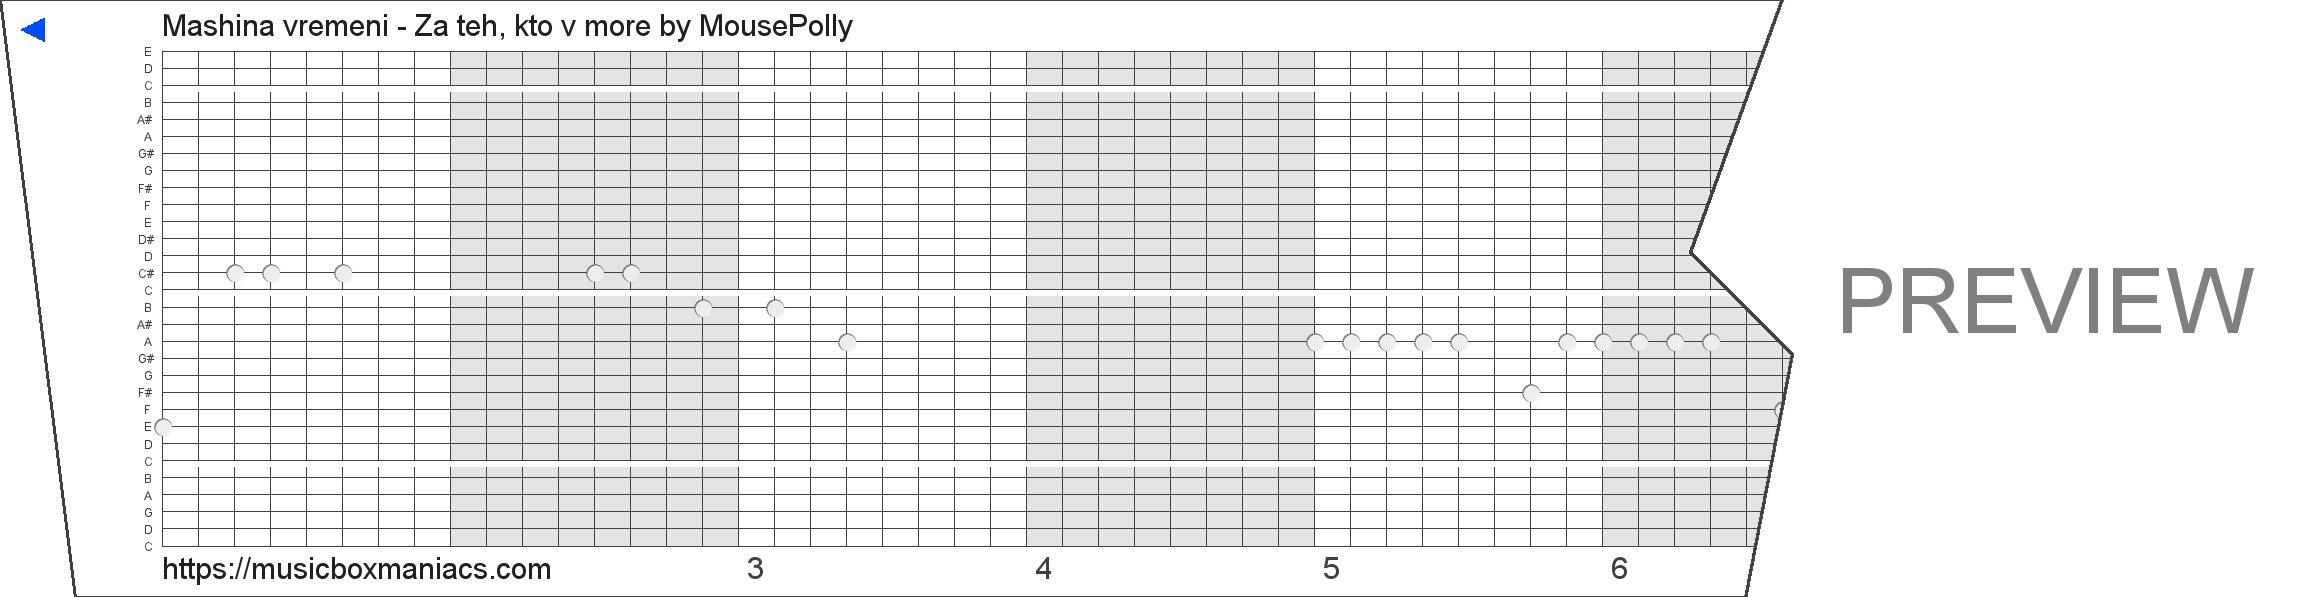 Mashina vremeni - Za teh, kto v more 30 note music box paper strip